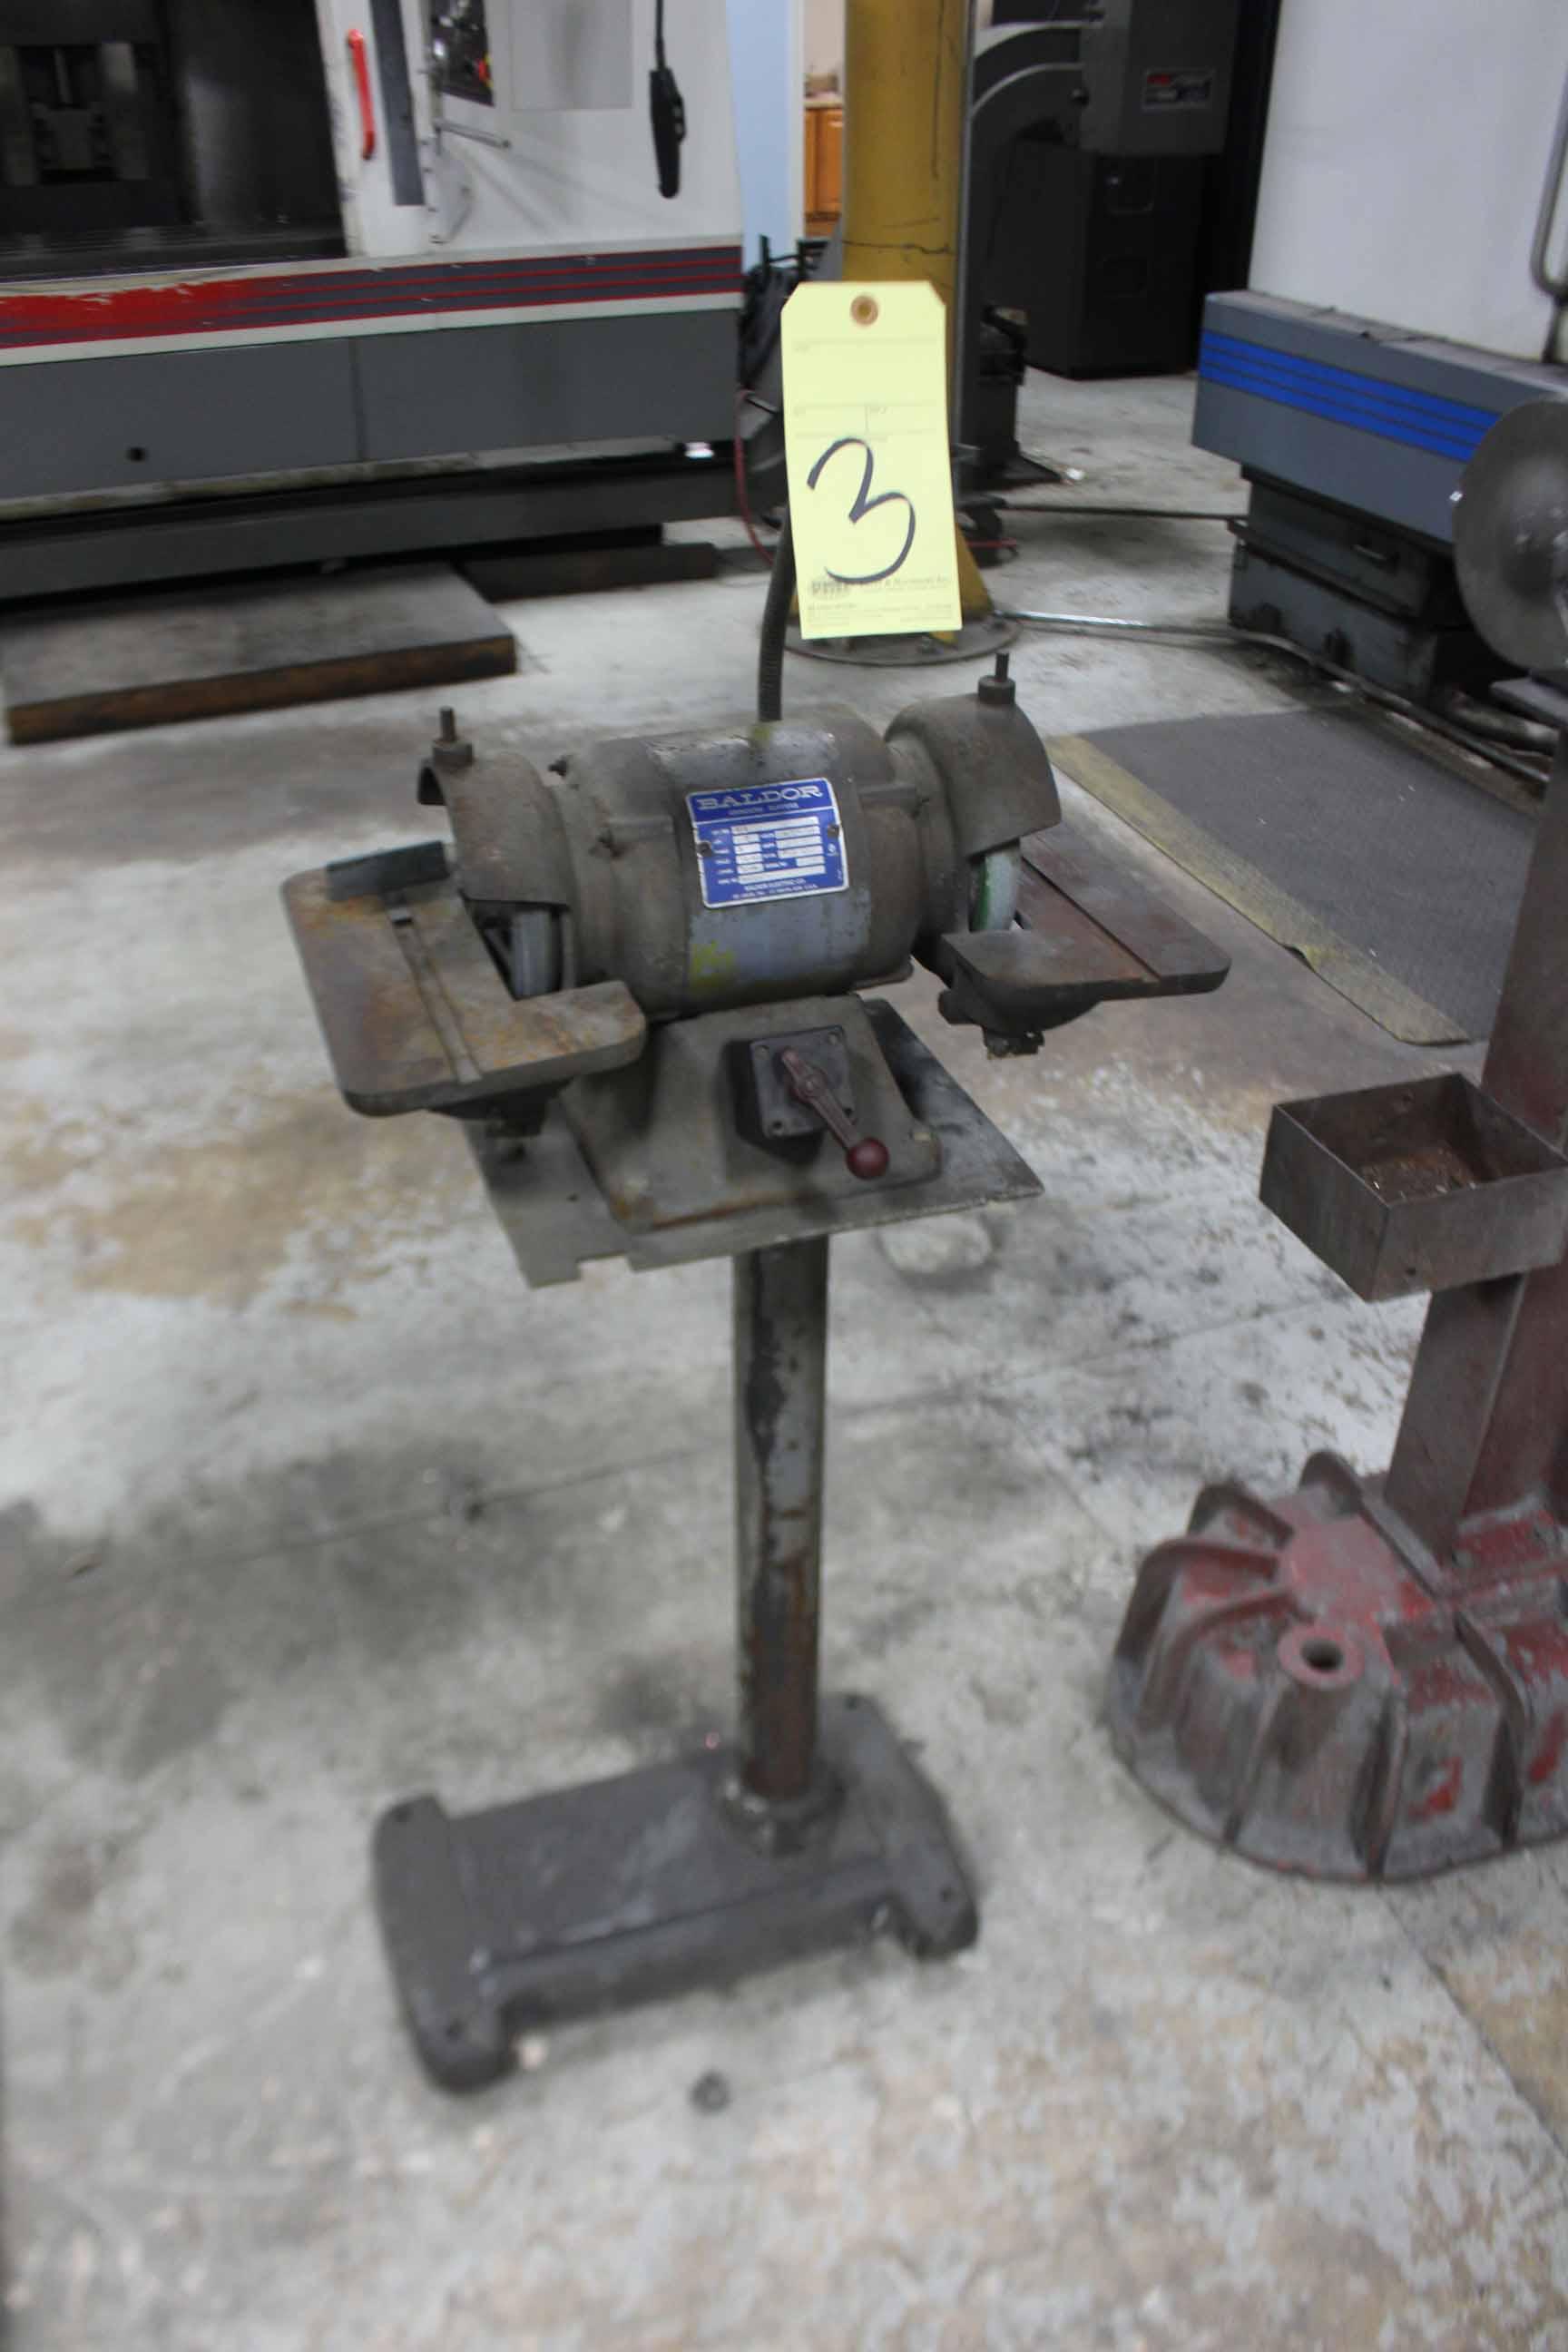 Lot 3 - DOUBLE END CARBIDE GRINDER, BALDOR, ½ HP motor